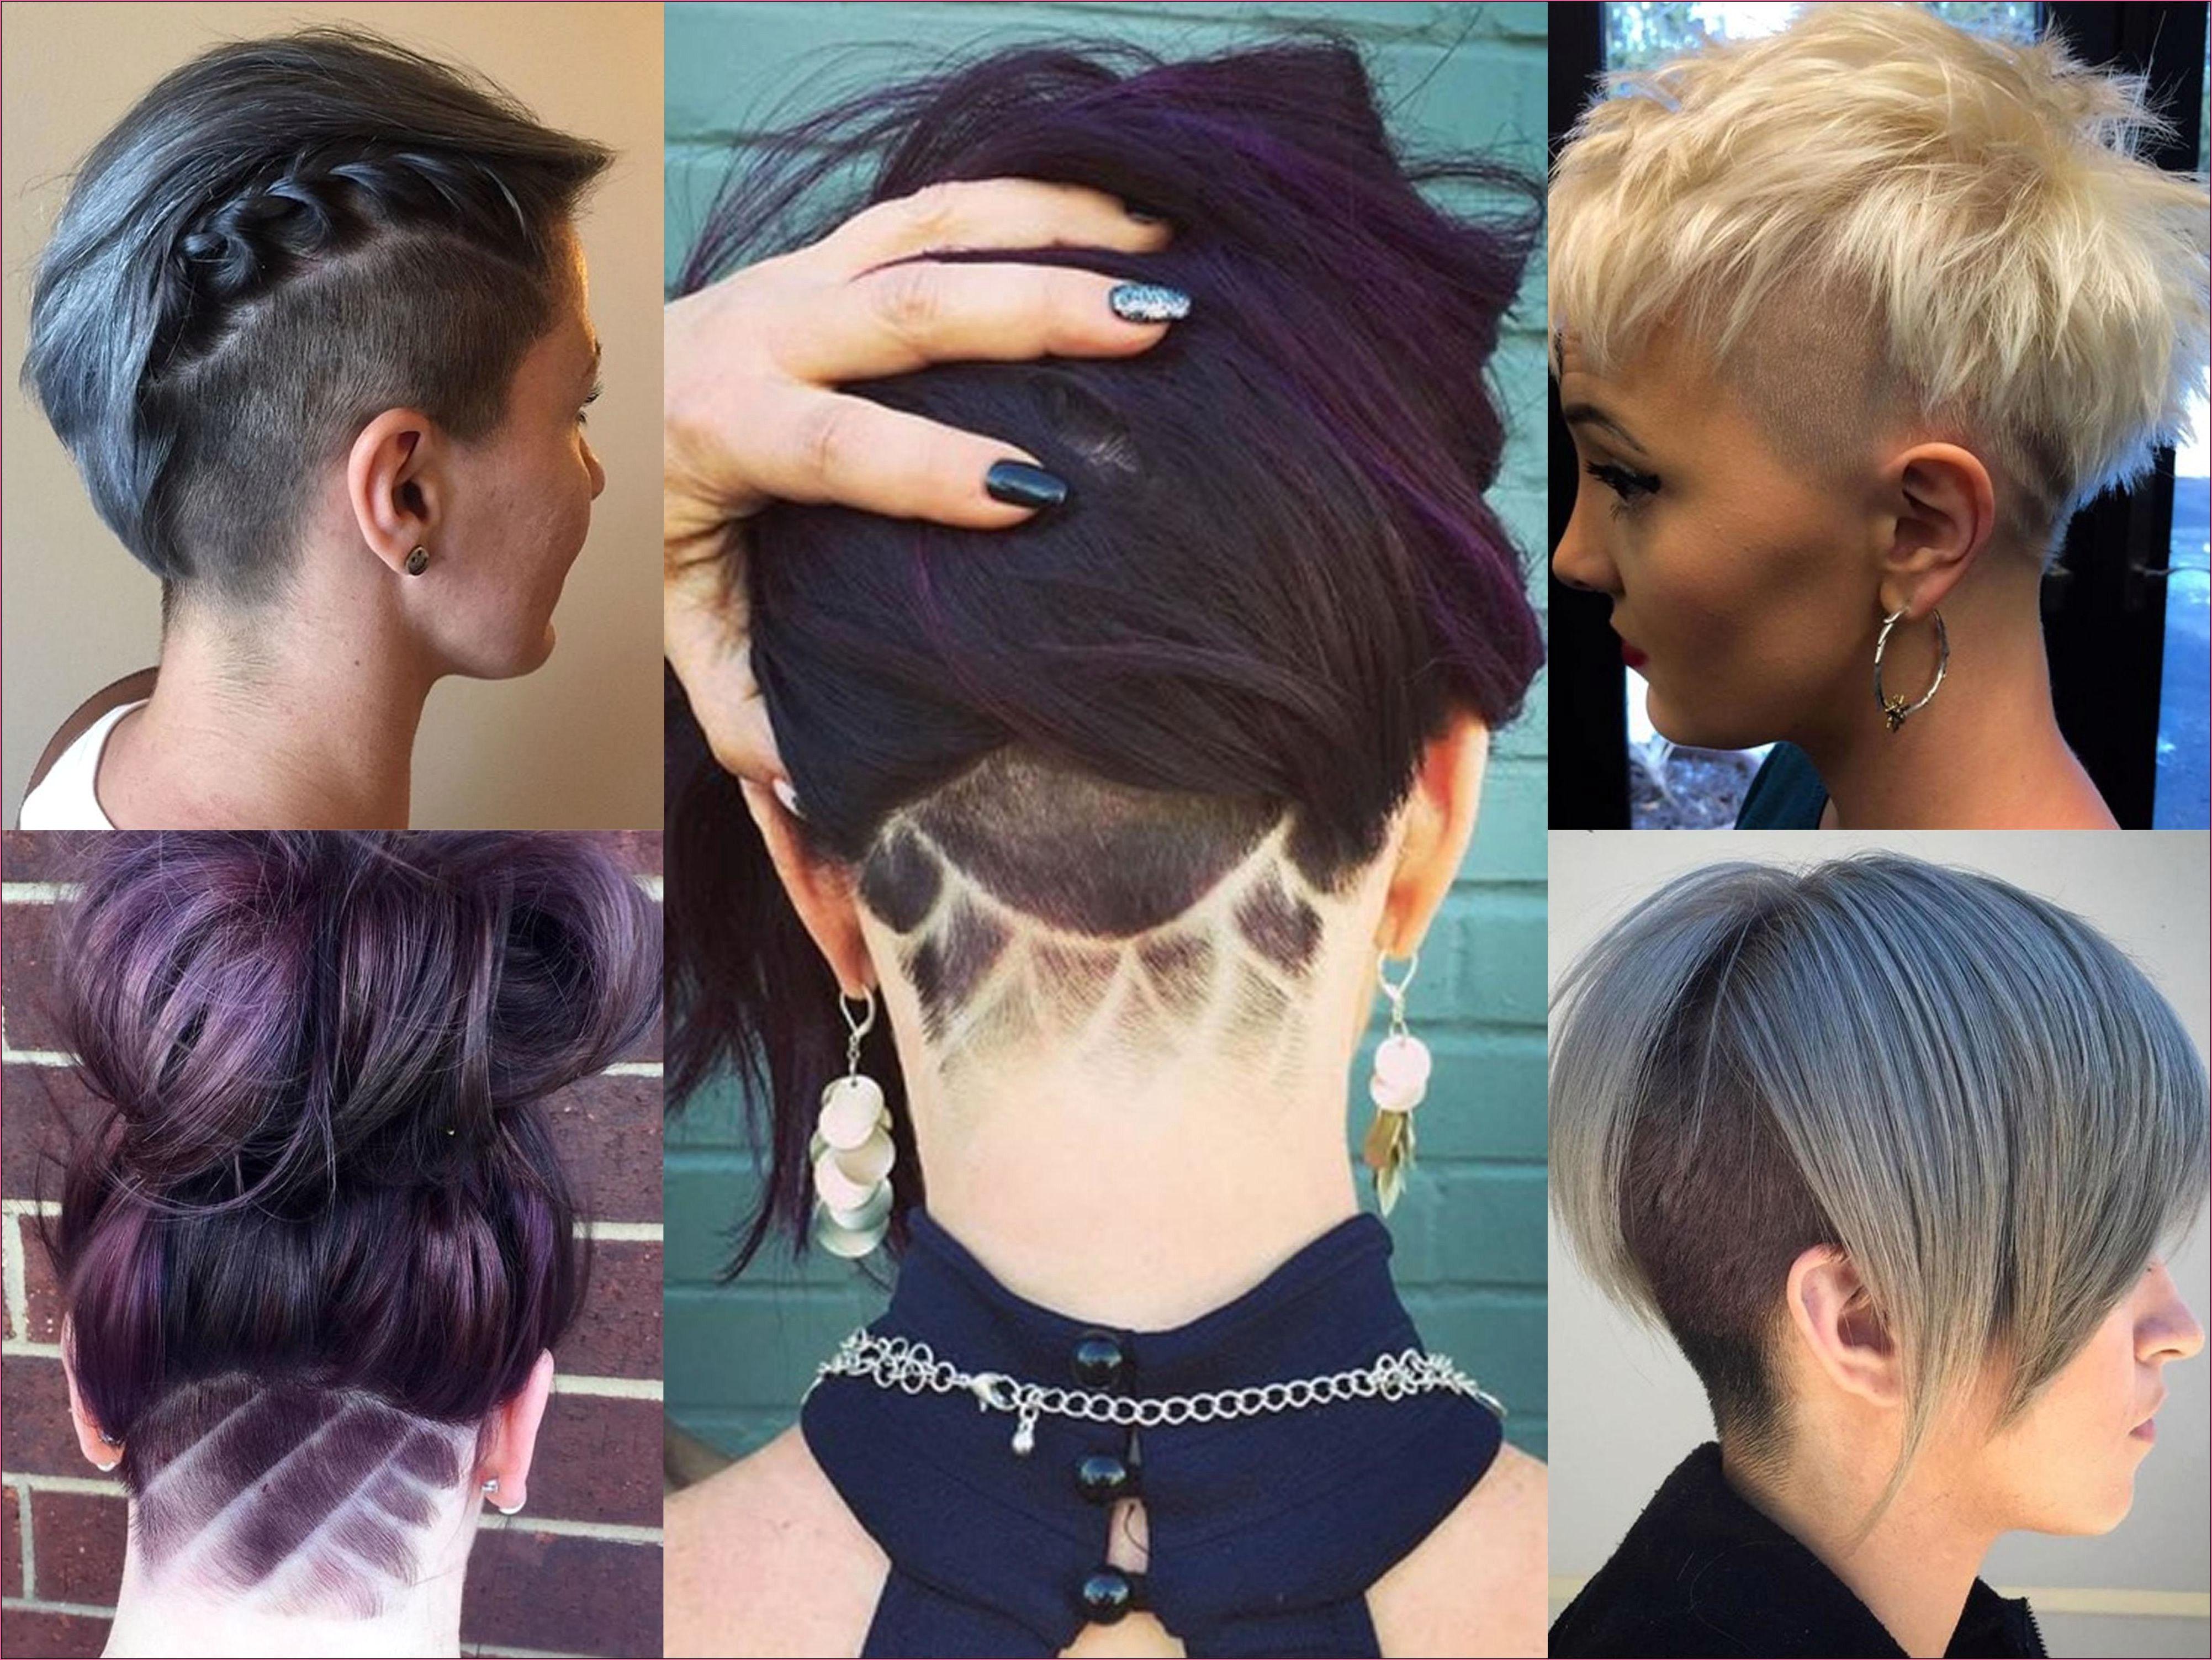 Sidecut Frisuren Frau Frisuren Lange Haare Manner Kurzhaarfrisuren Coole Frisuren Lange Haare